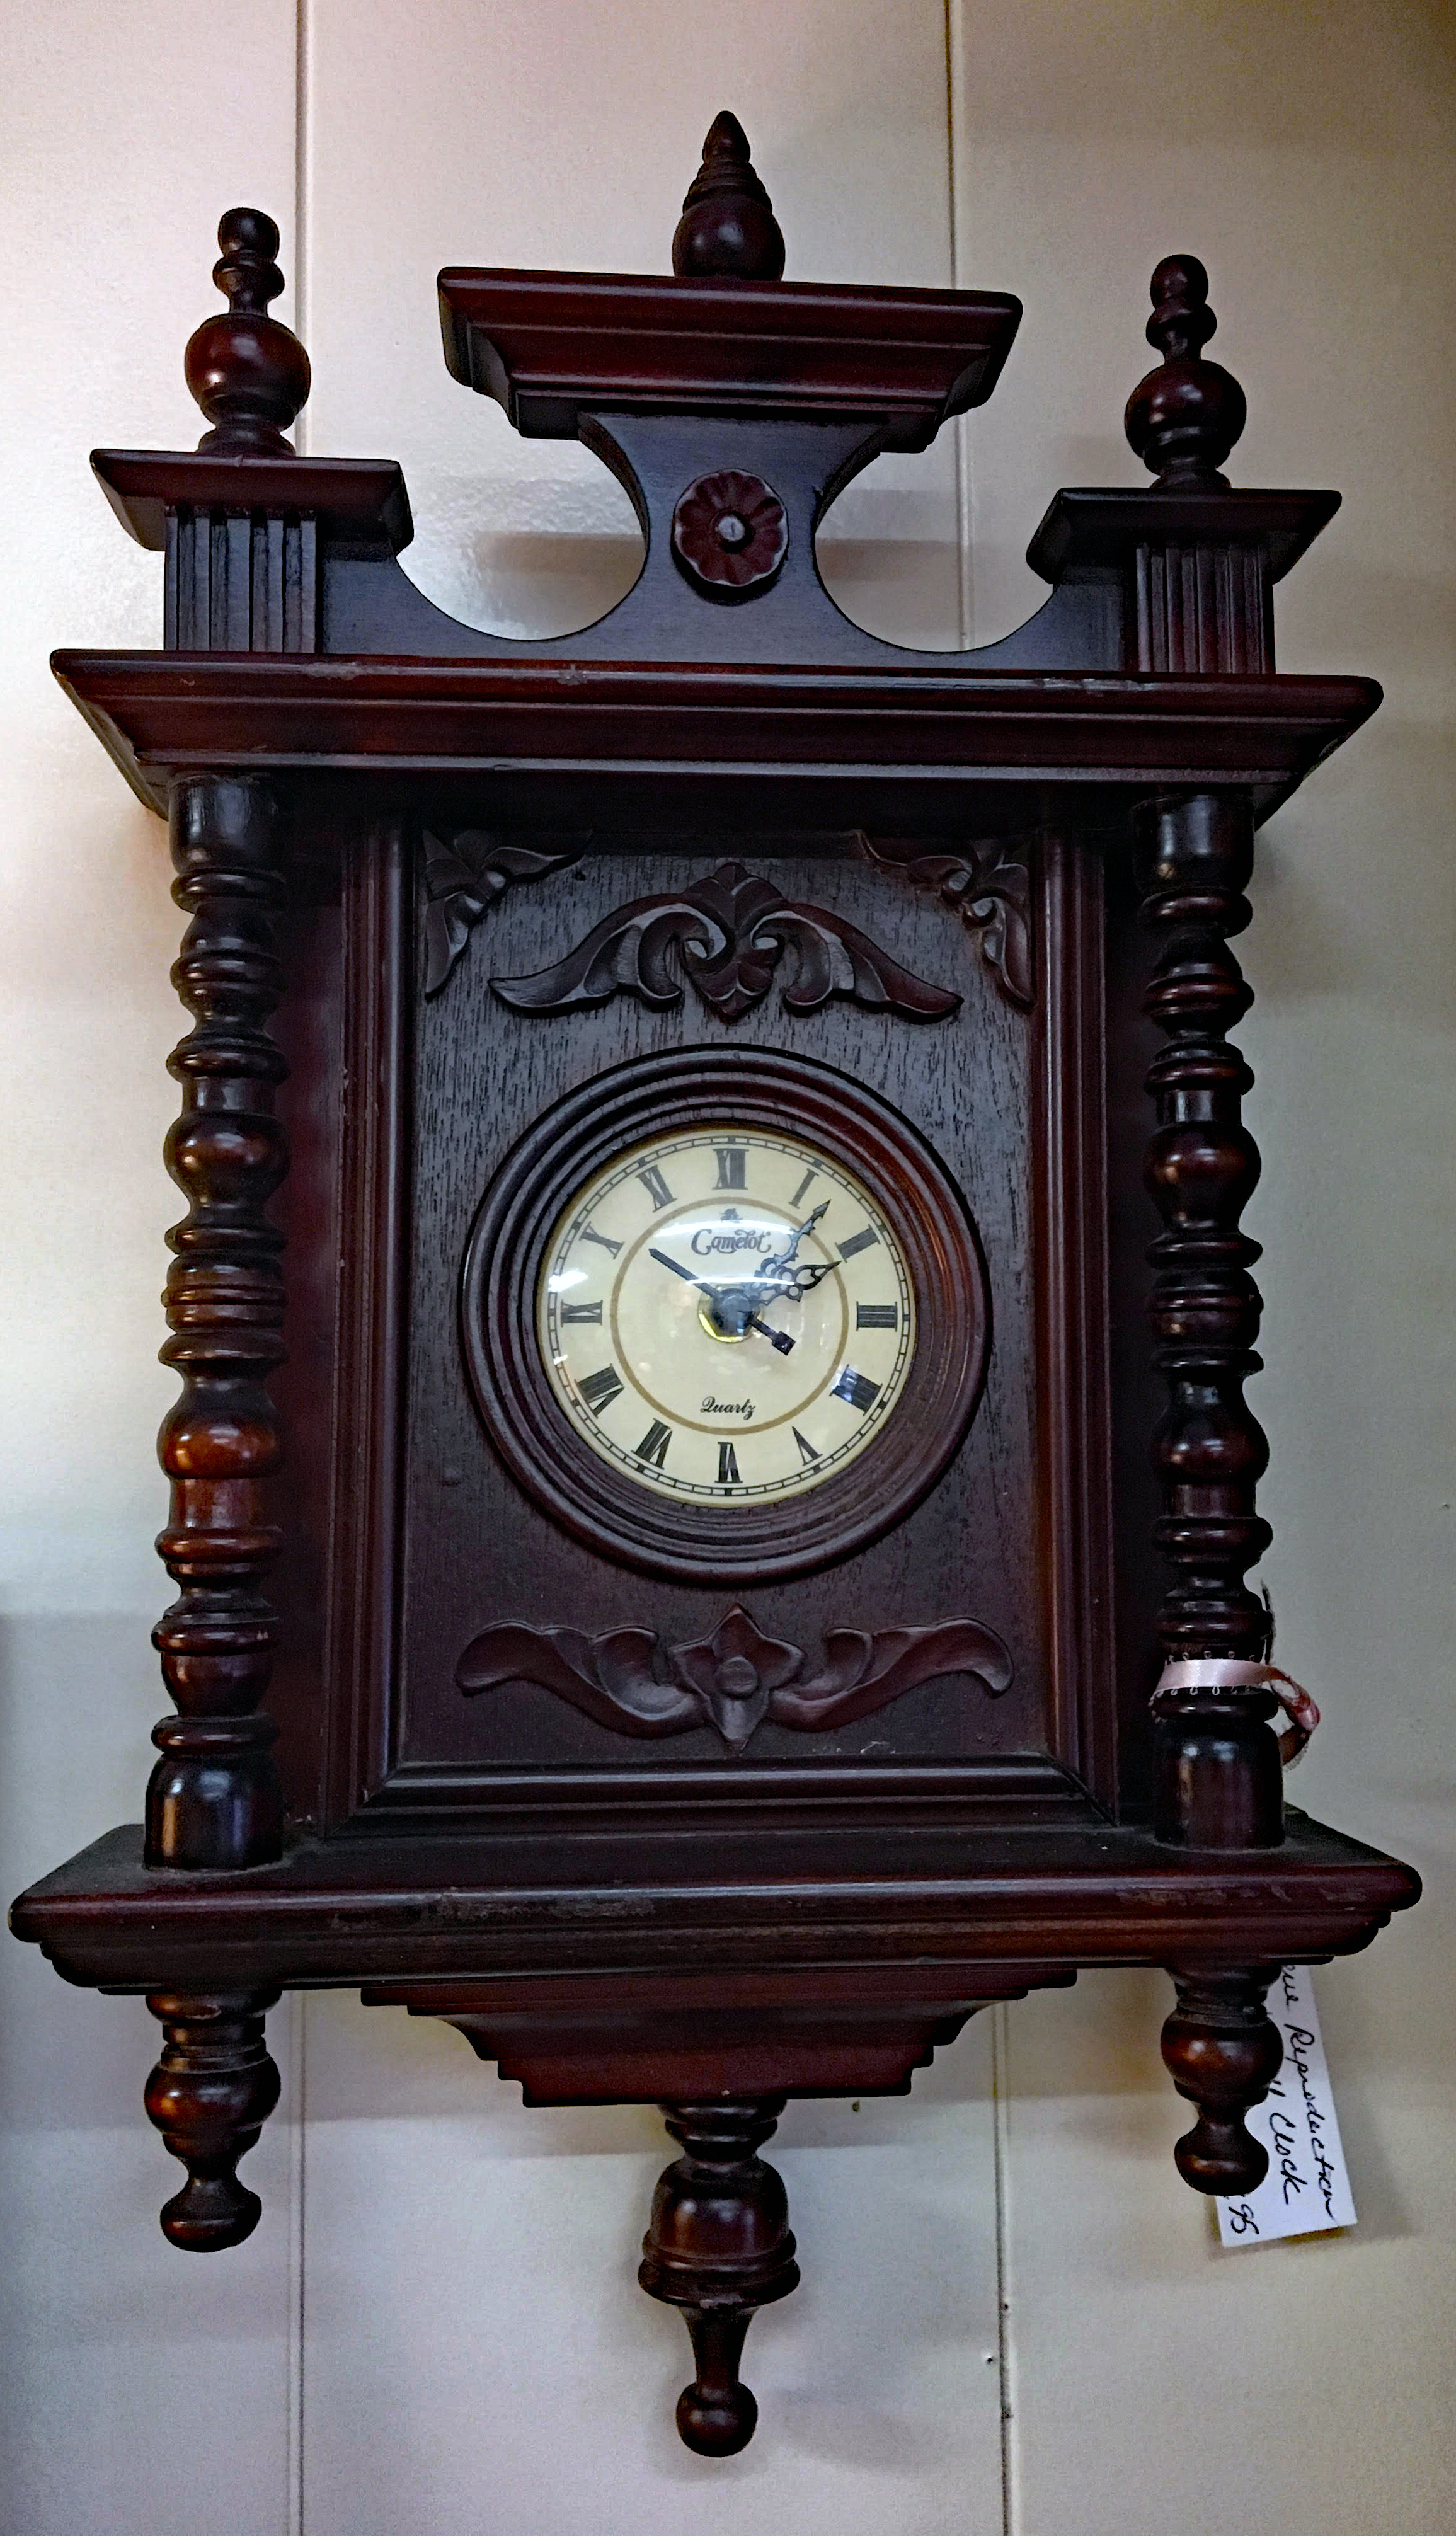 Camelot Quartz Wall Clock (Reproduction)